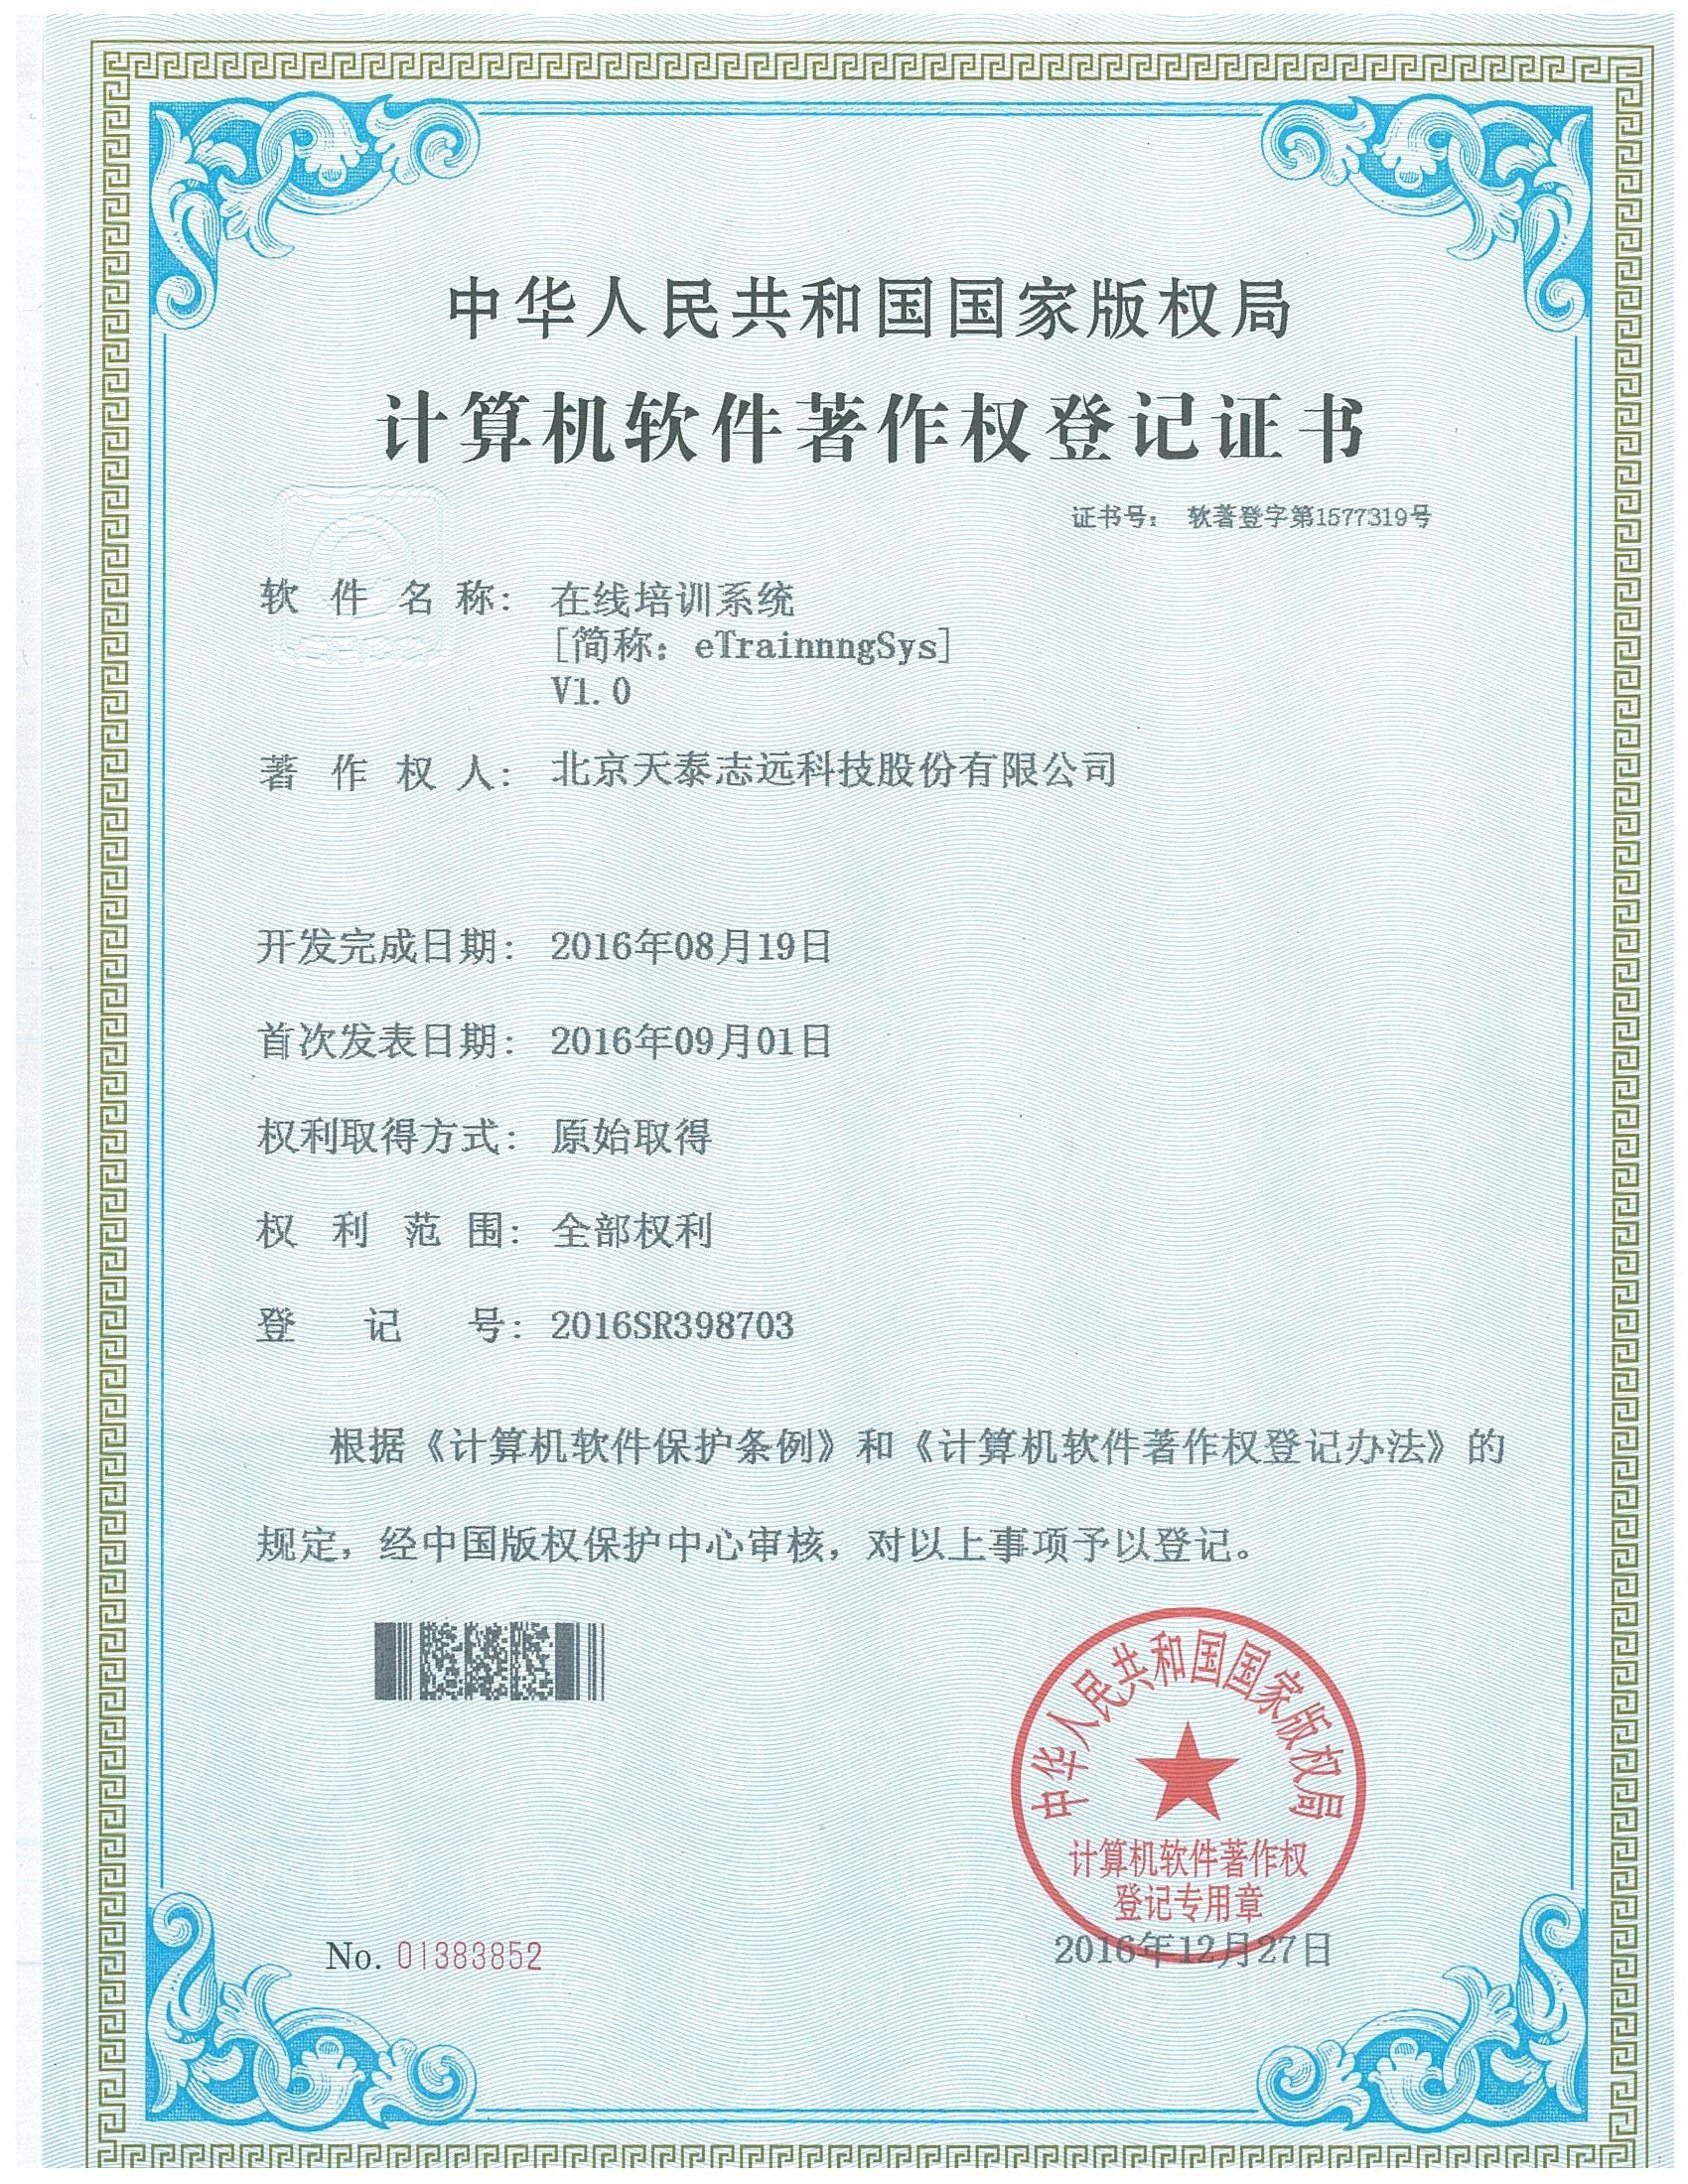 天泰志远:在线培训系统著作权登记证书